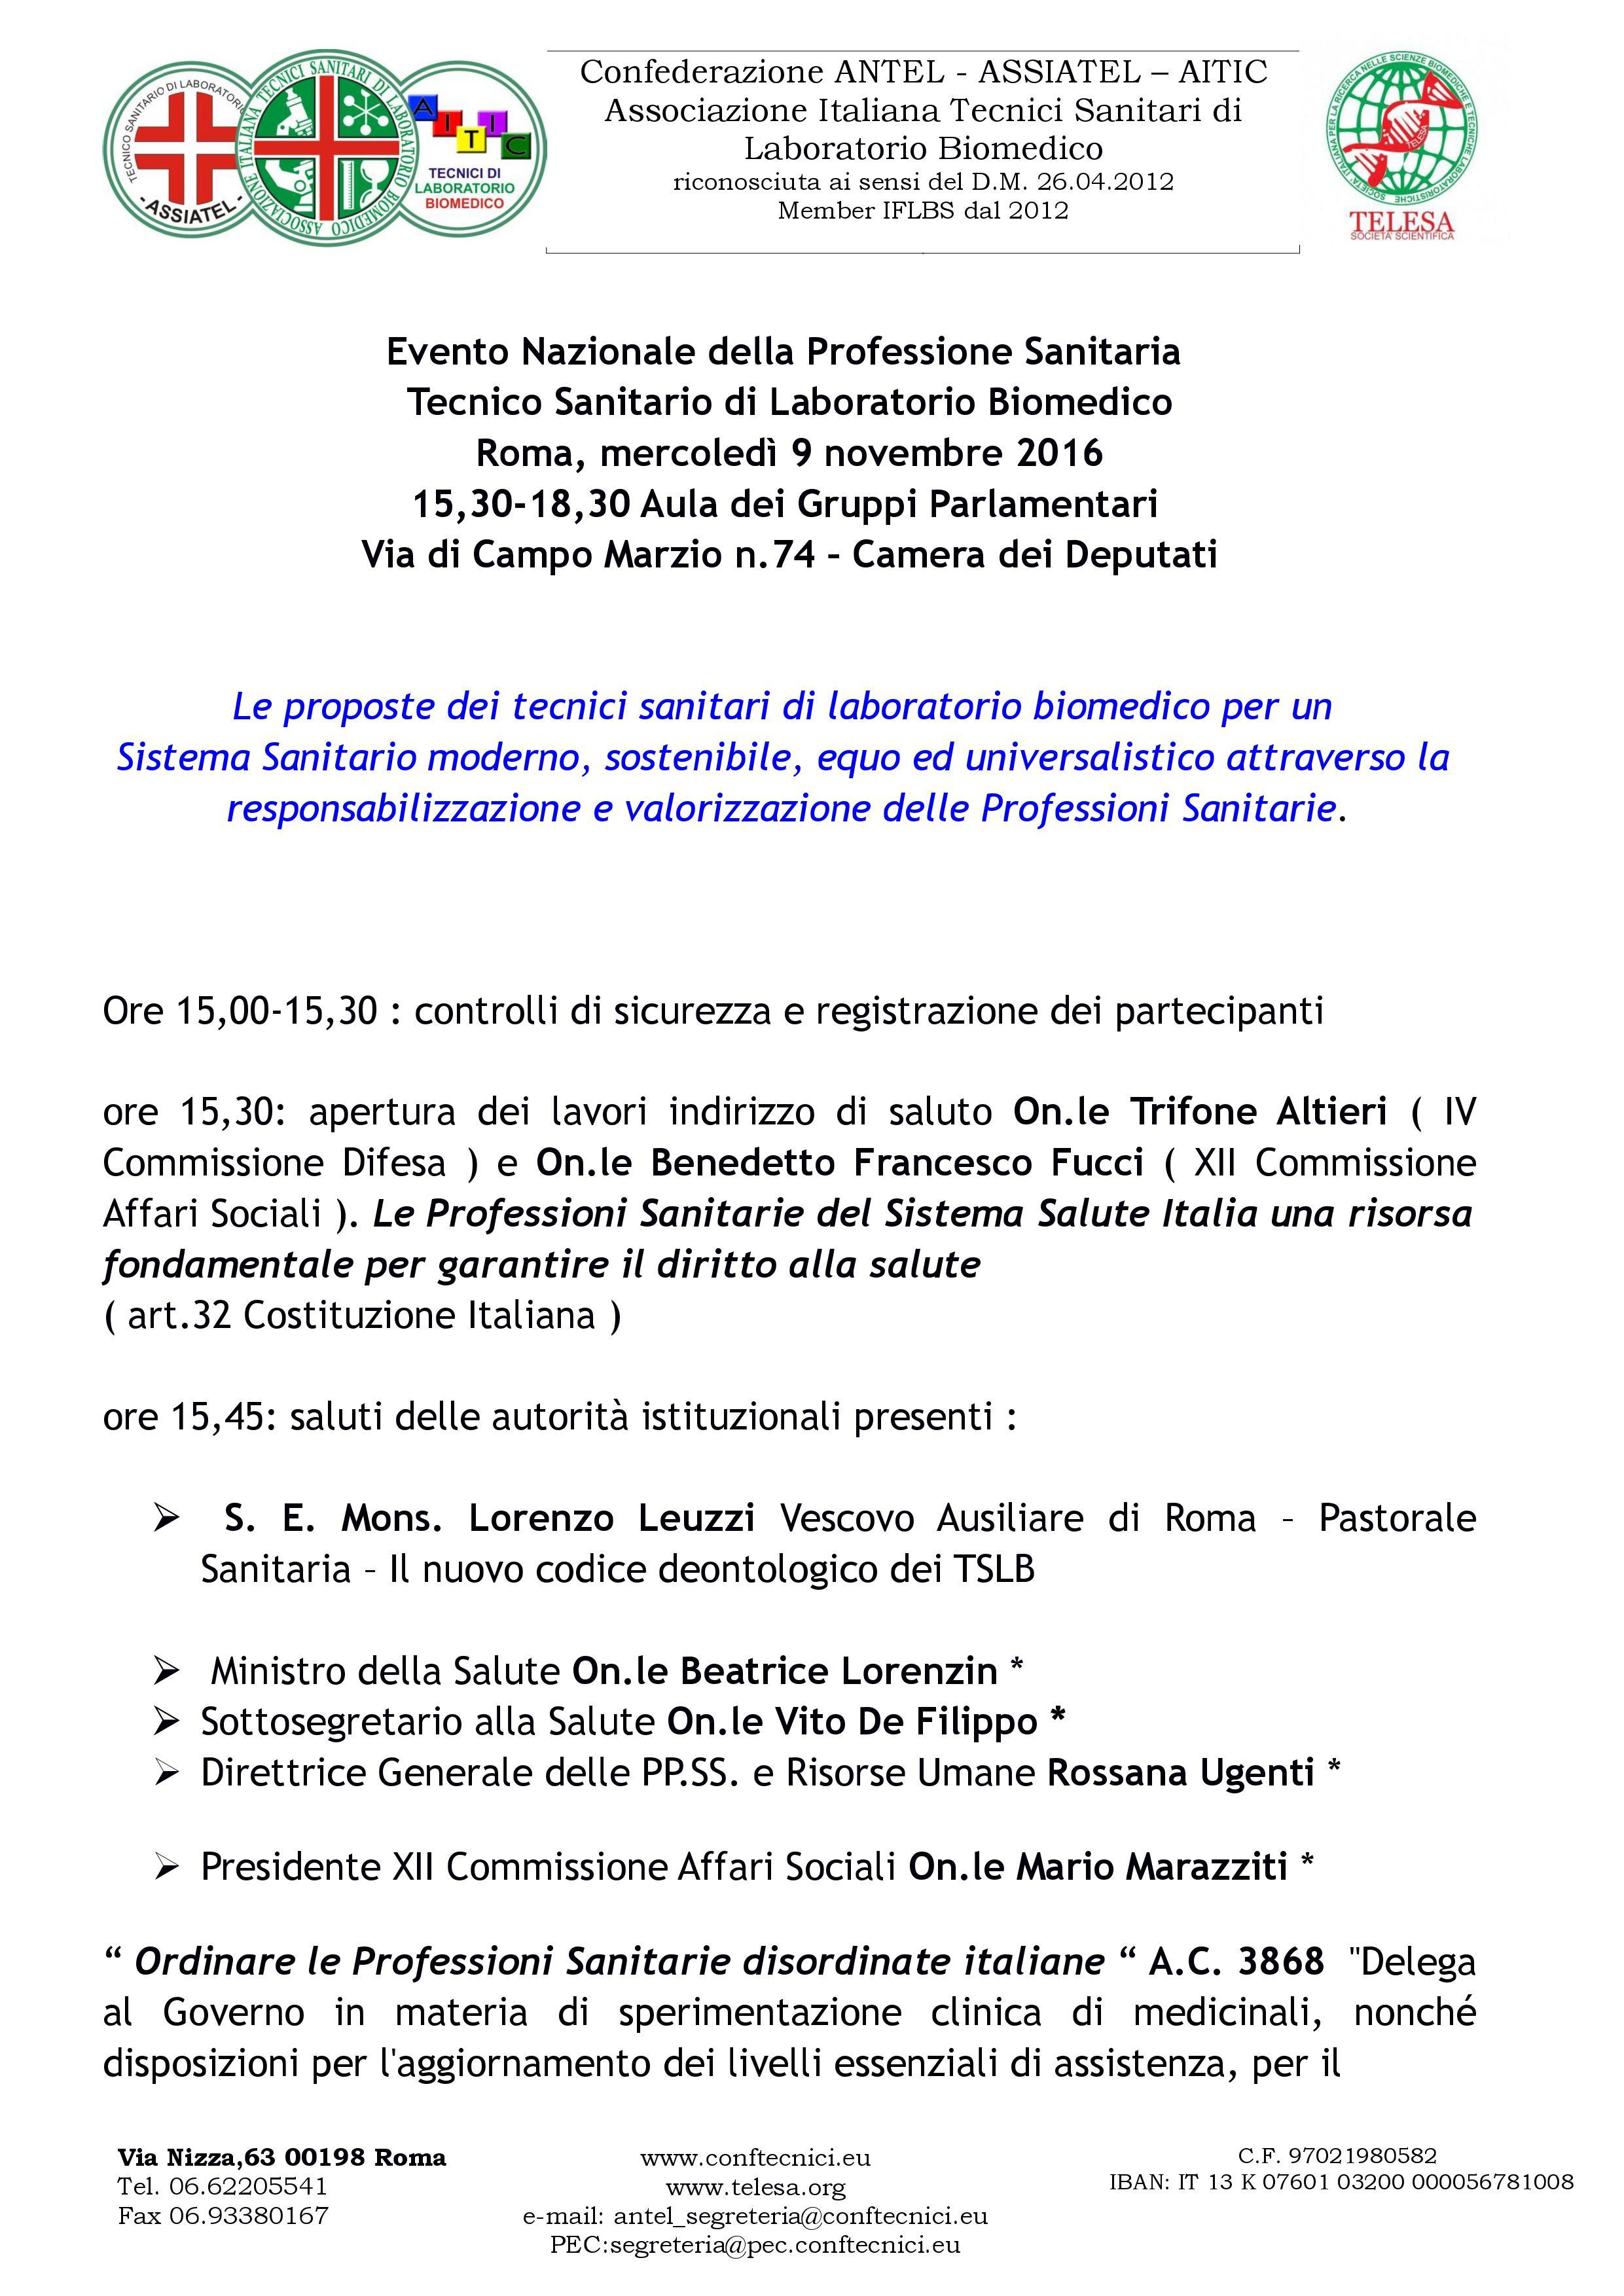 Evento Nazionale della Professione Sanitaria Tecnico Sanitario di Laboratorio Biomedico Roma, mercoledì 9 novembre 2016